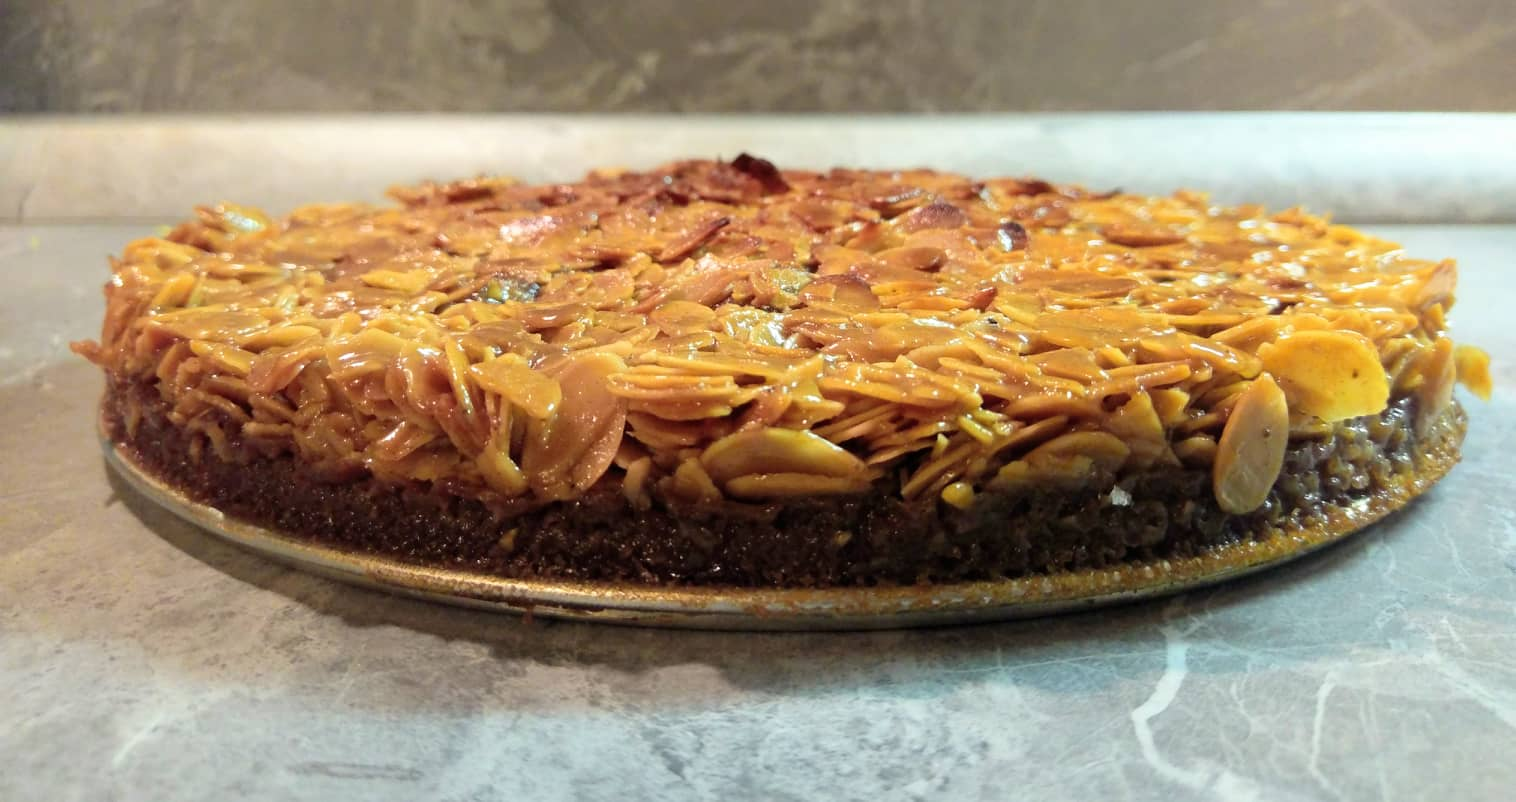 Švedski kolač s bademima (Tosca cake)